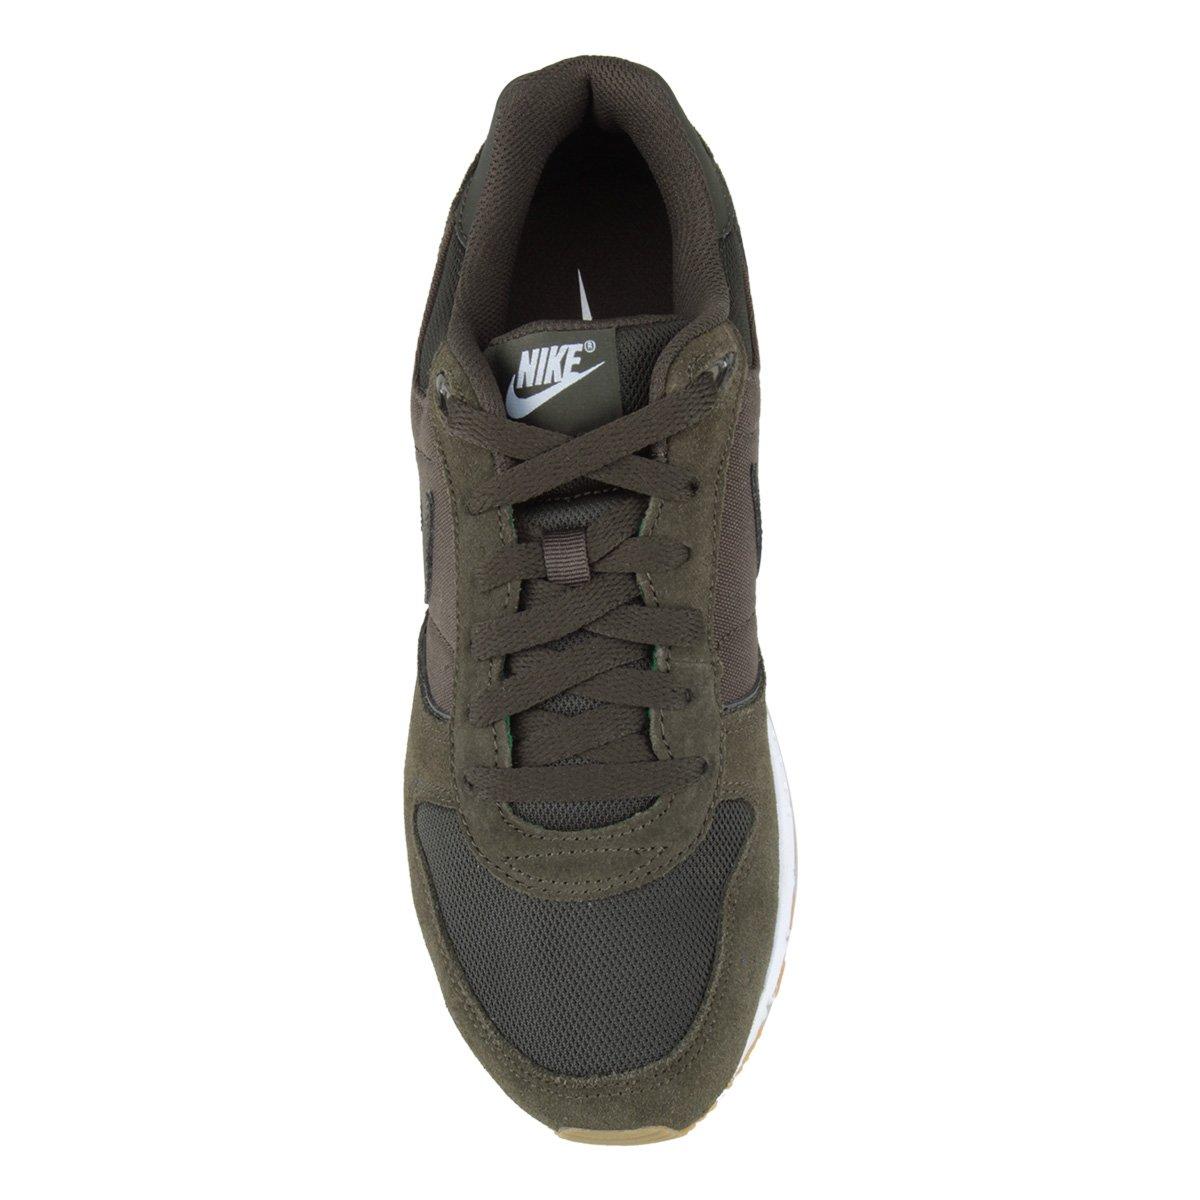 Marrom Masculino Tênis Nike Tênis Nike Nightgazer e Branco Nightgazer Xx1Pq87